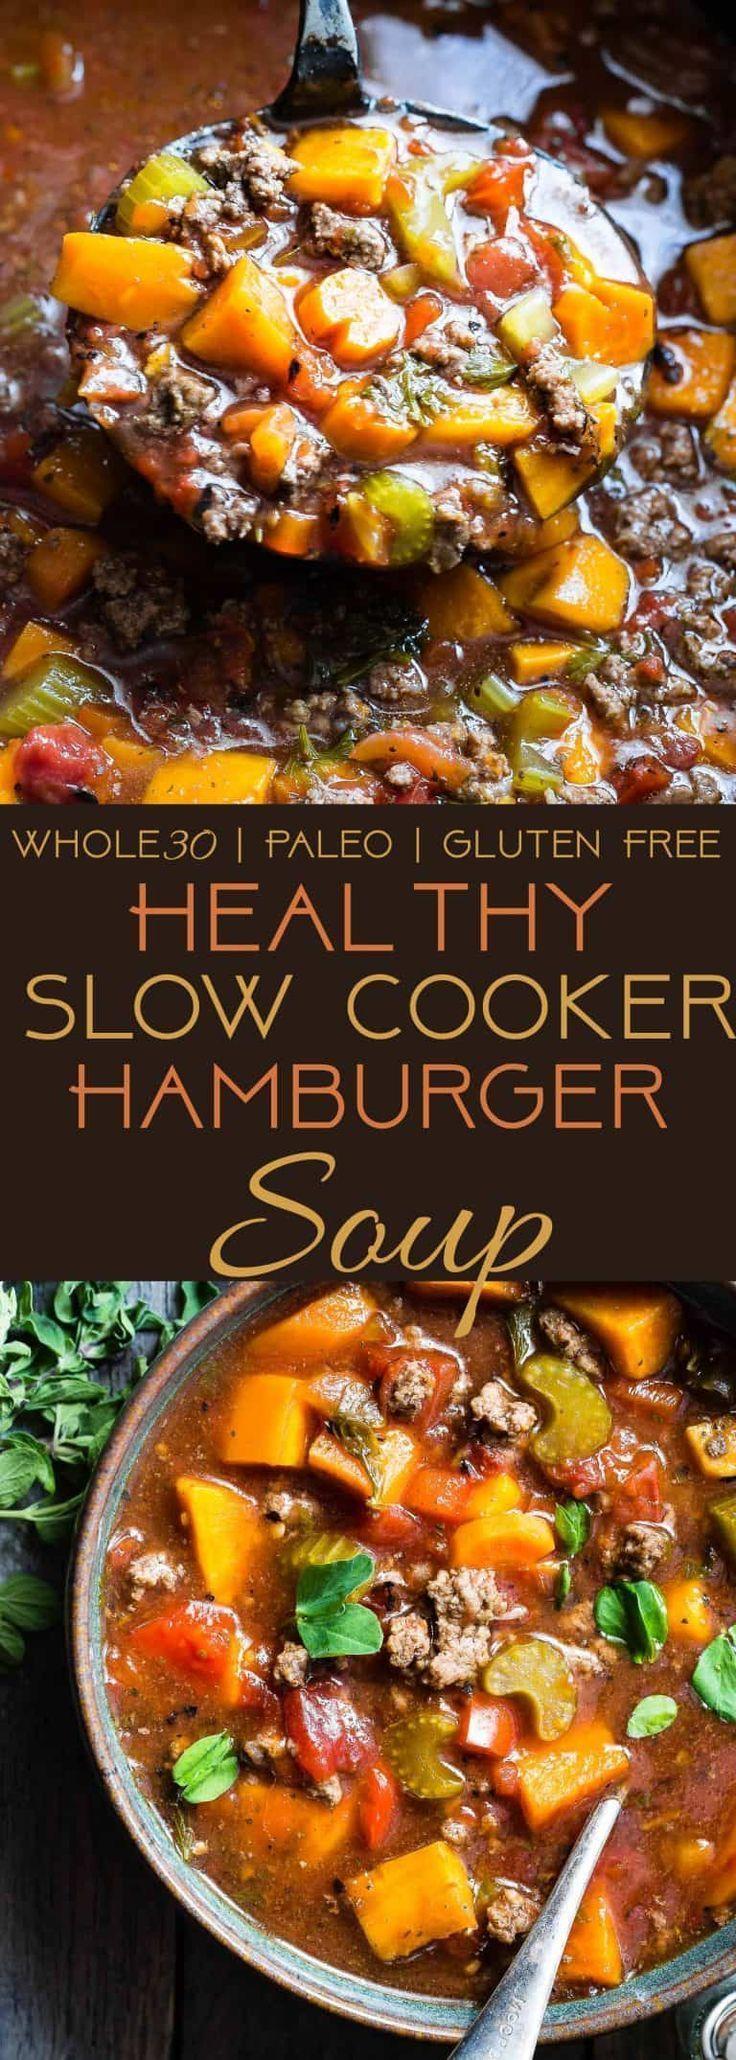 Crock Pot Paleo Hamburger Soup Recipe | Food Faith Fitness   #Crock #Faith #Fitness #food